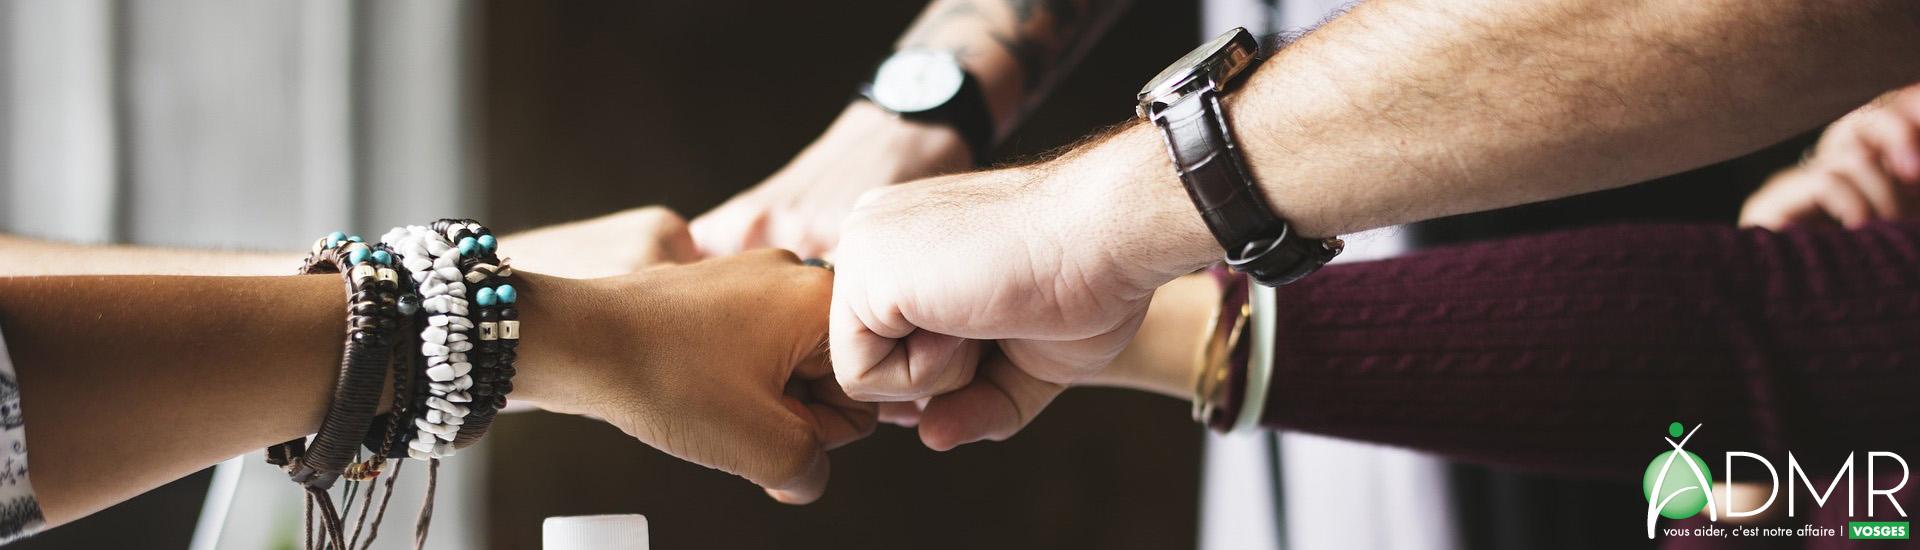 Nos partenaires et financeurs (Copyright: Pixabay)